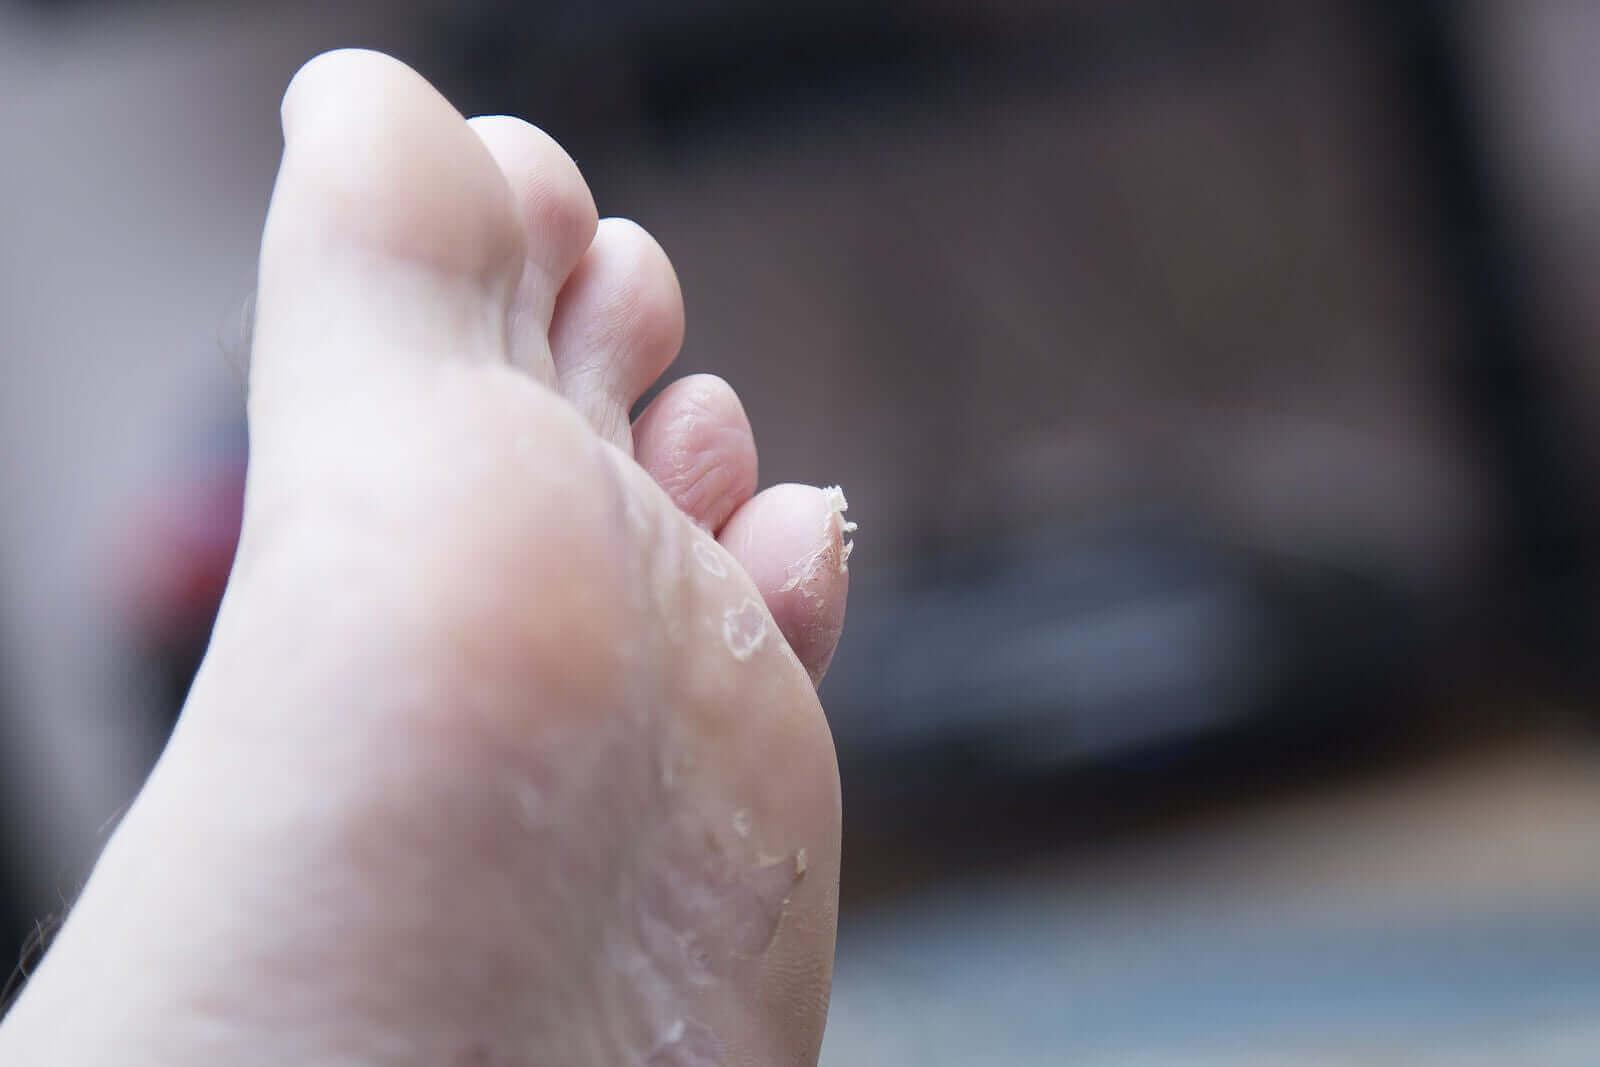 소아 발바닥 피부염의 원인은 무엇일까?